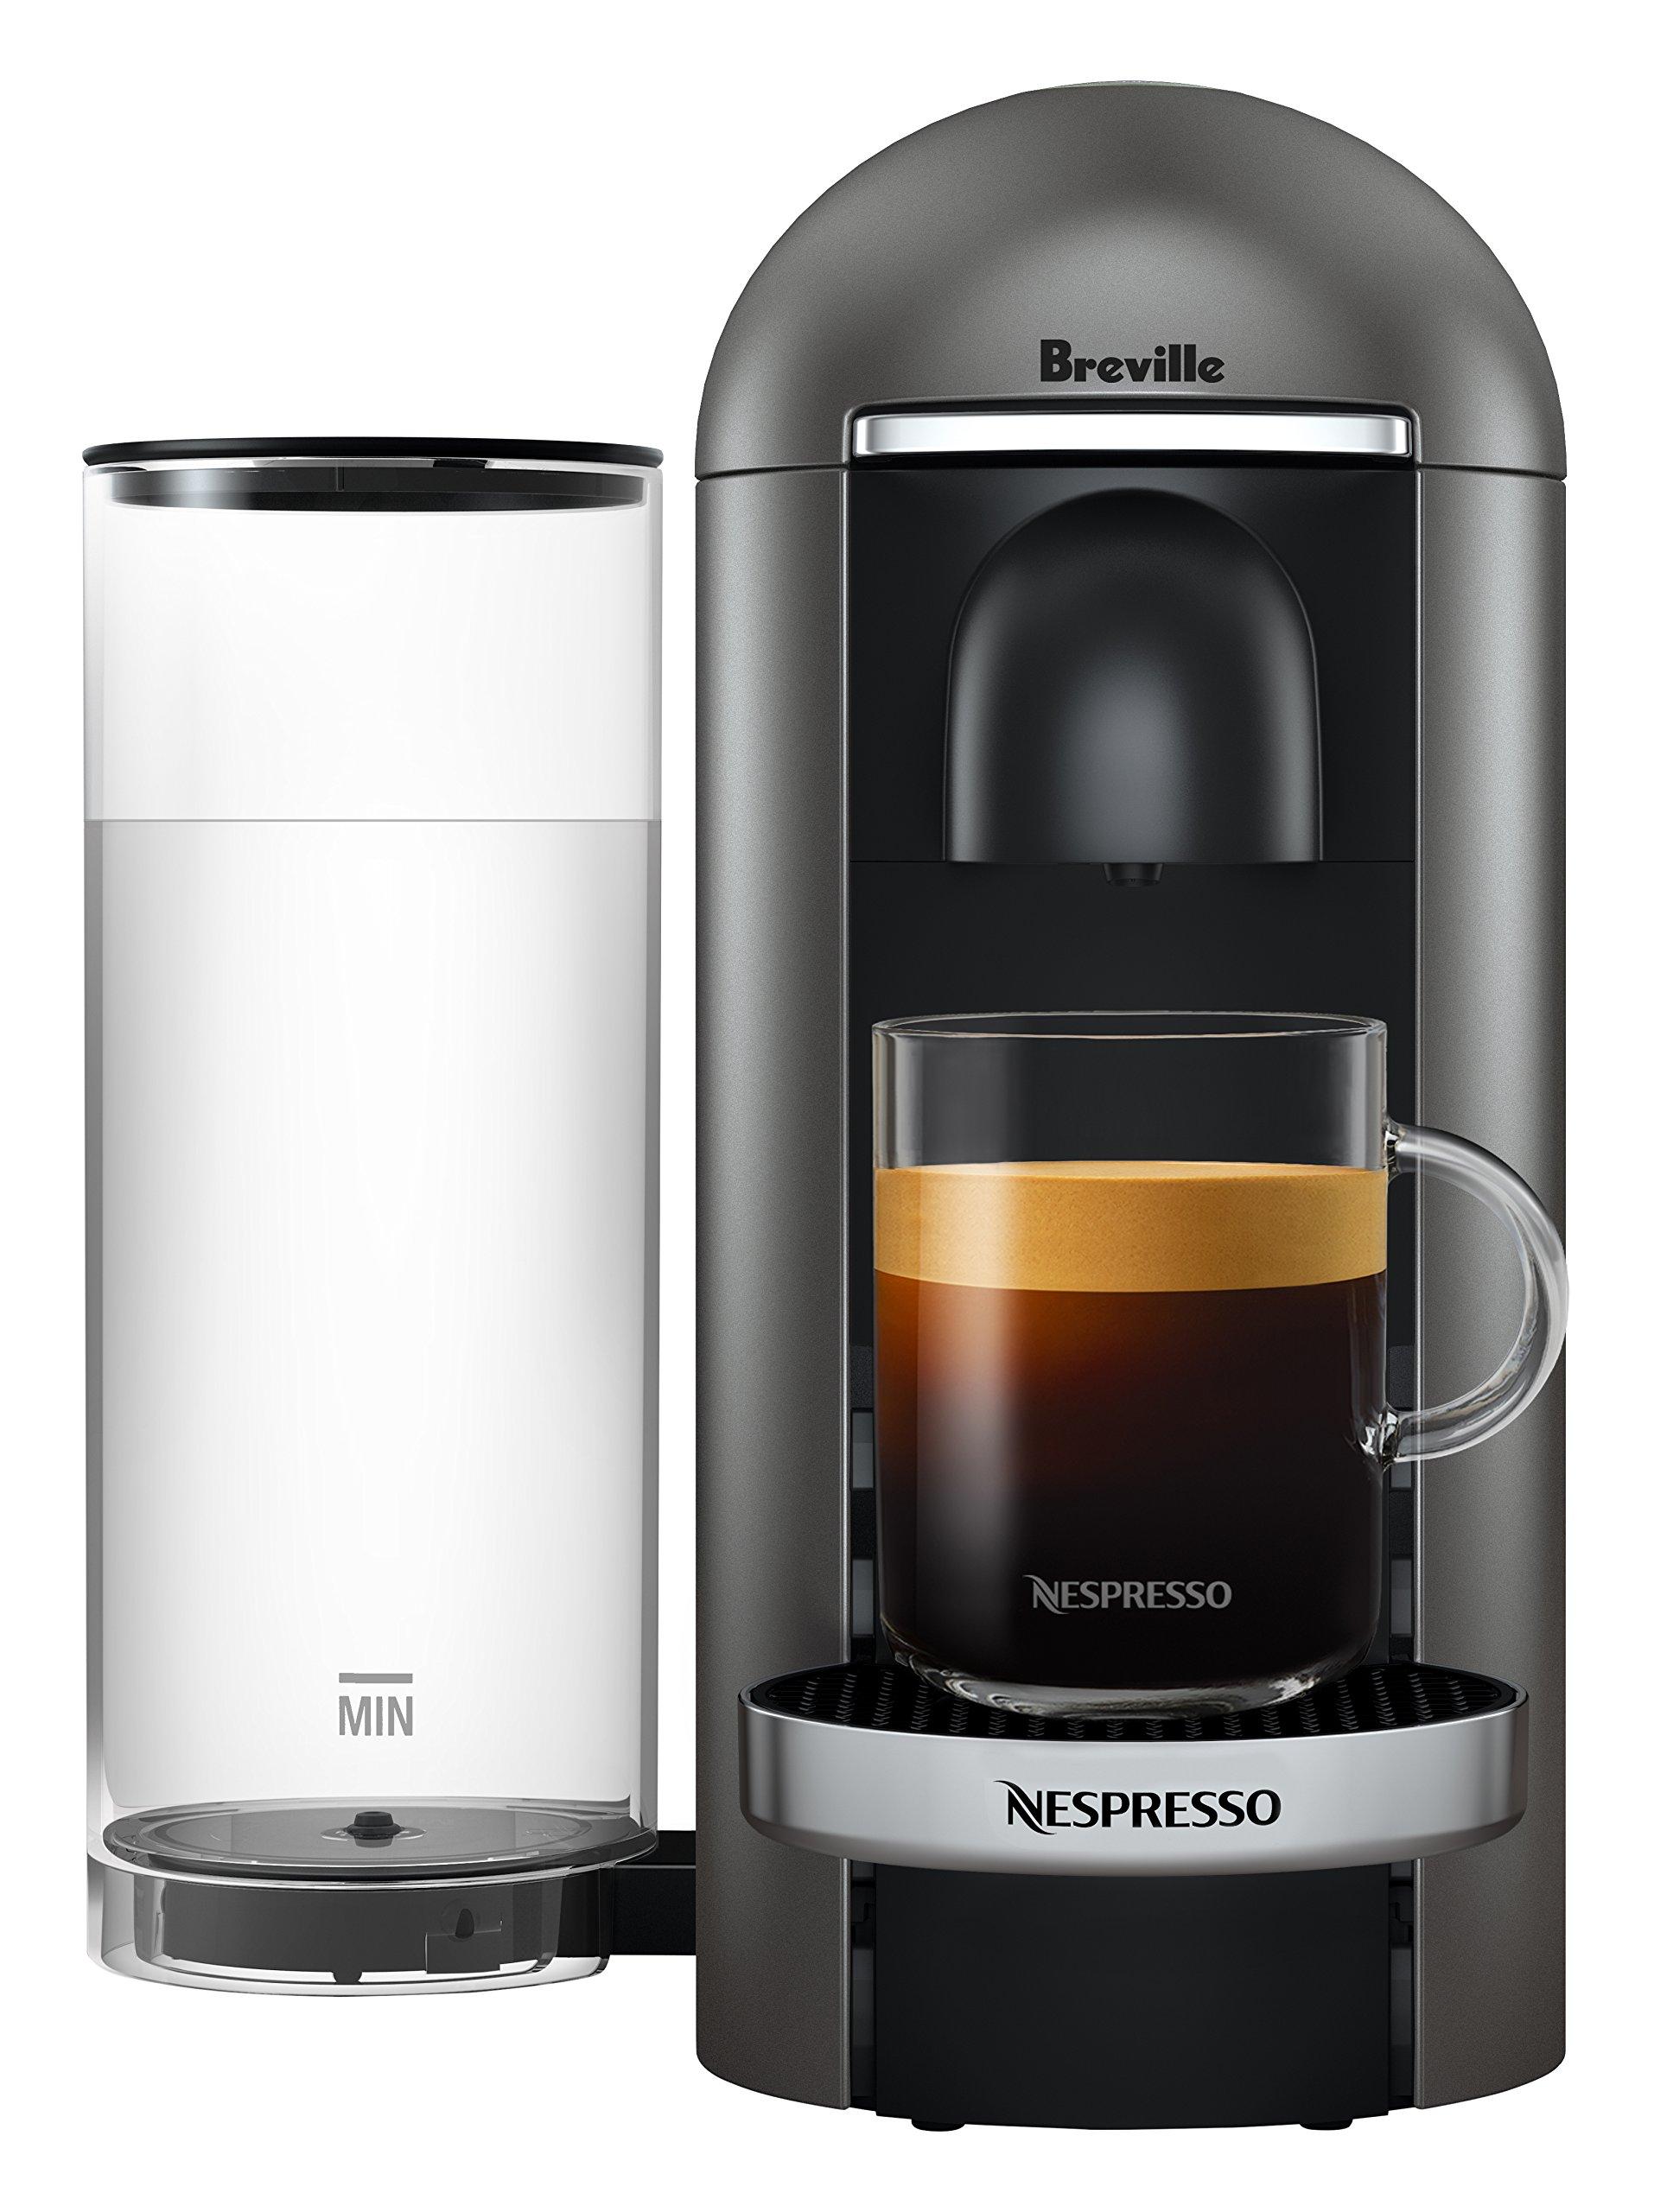 Nespresso VertuoPlus Deluxe Coffee and Espresso Maker by Breville, Titan